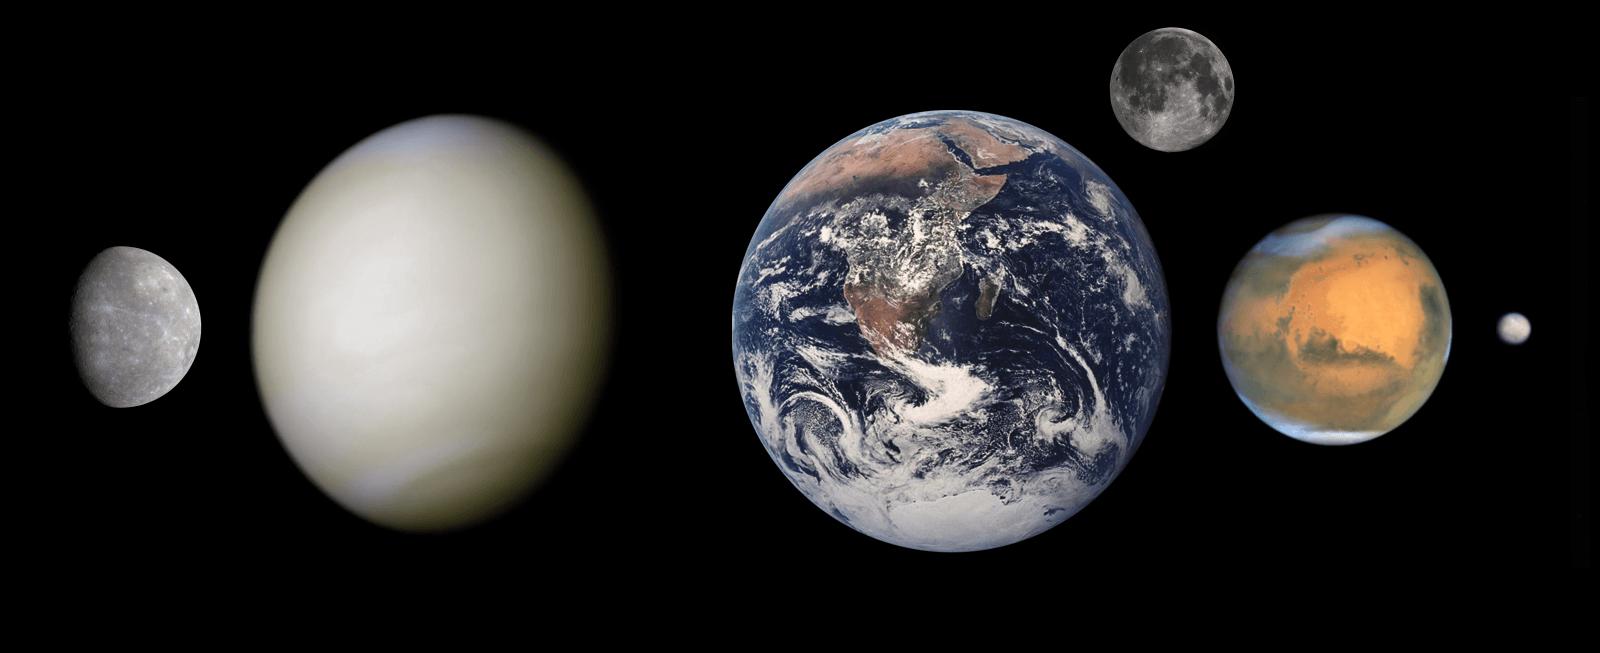 Эта изображение показывает приблизительные относительные размеры планет земной группы слева направо: Меркурий, Венера, Земля и Марс. Расстояния не масштабируются.